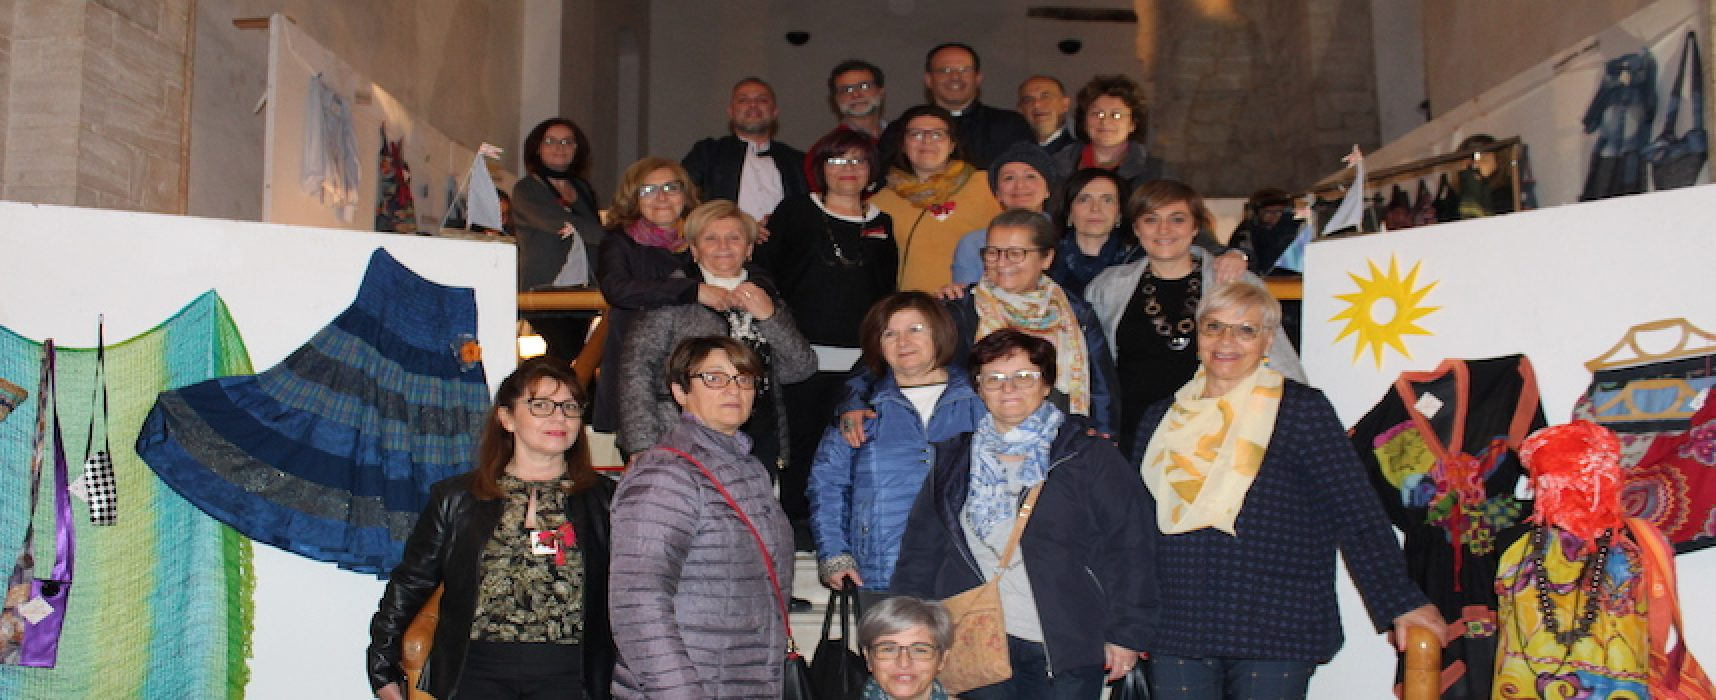 """Ottimi risultati per """"Storie e stoffe"""", mostra organizzata dalla Caritas Bisceglie"""